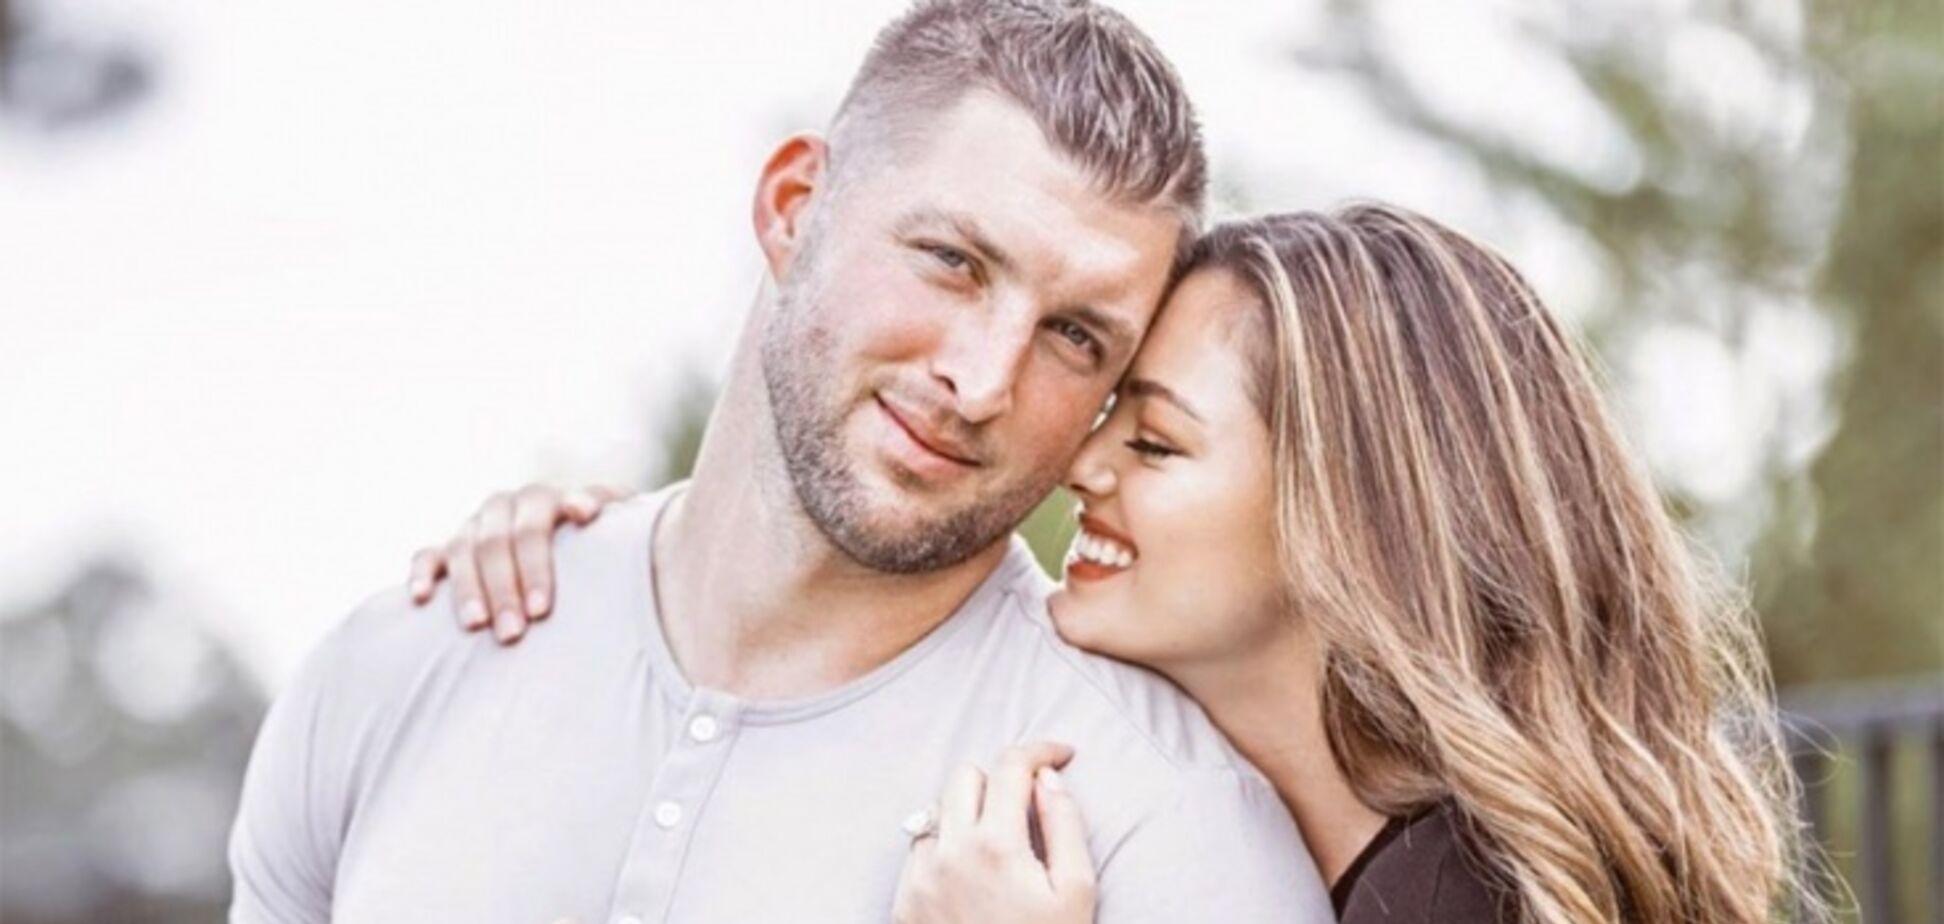 32-річний незайманий: футболіст зберіг цноту й одружився на Міс Всесвіт